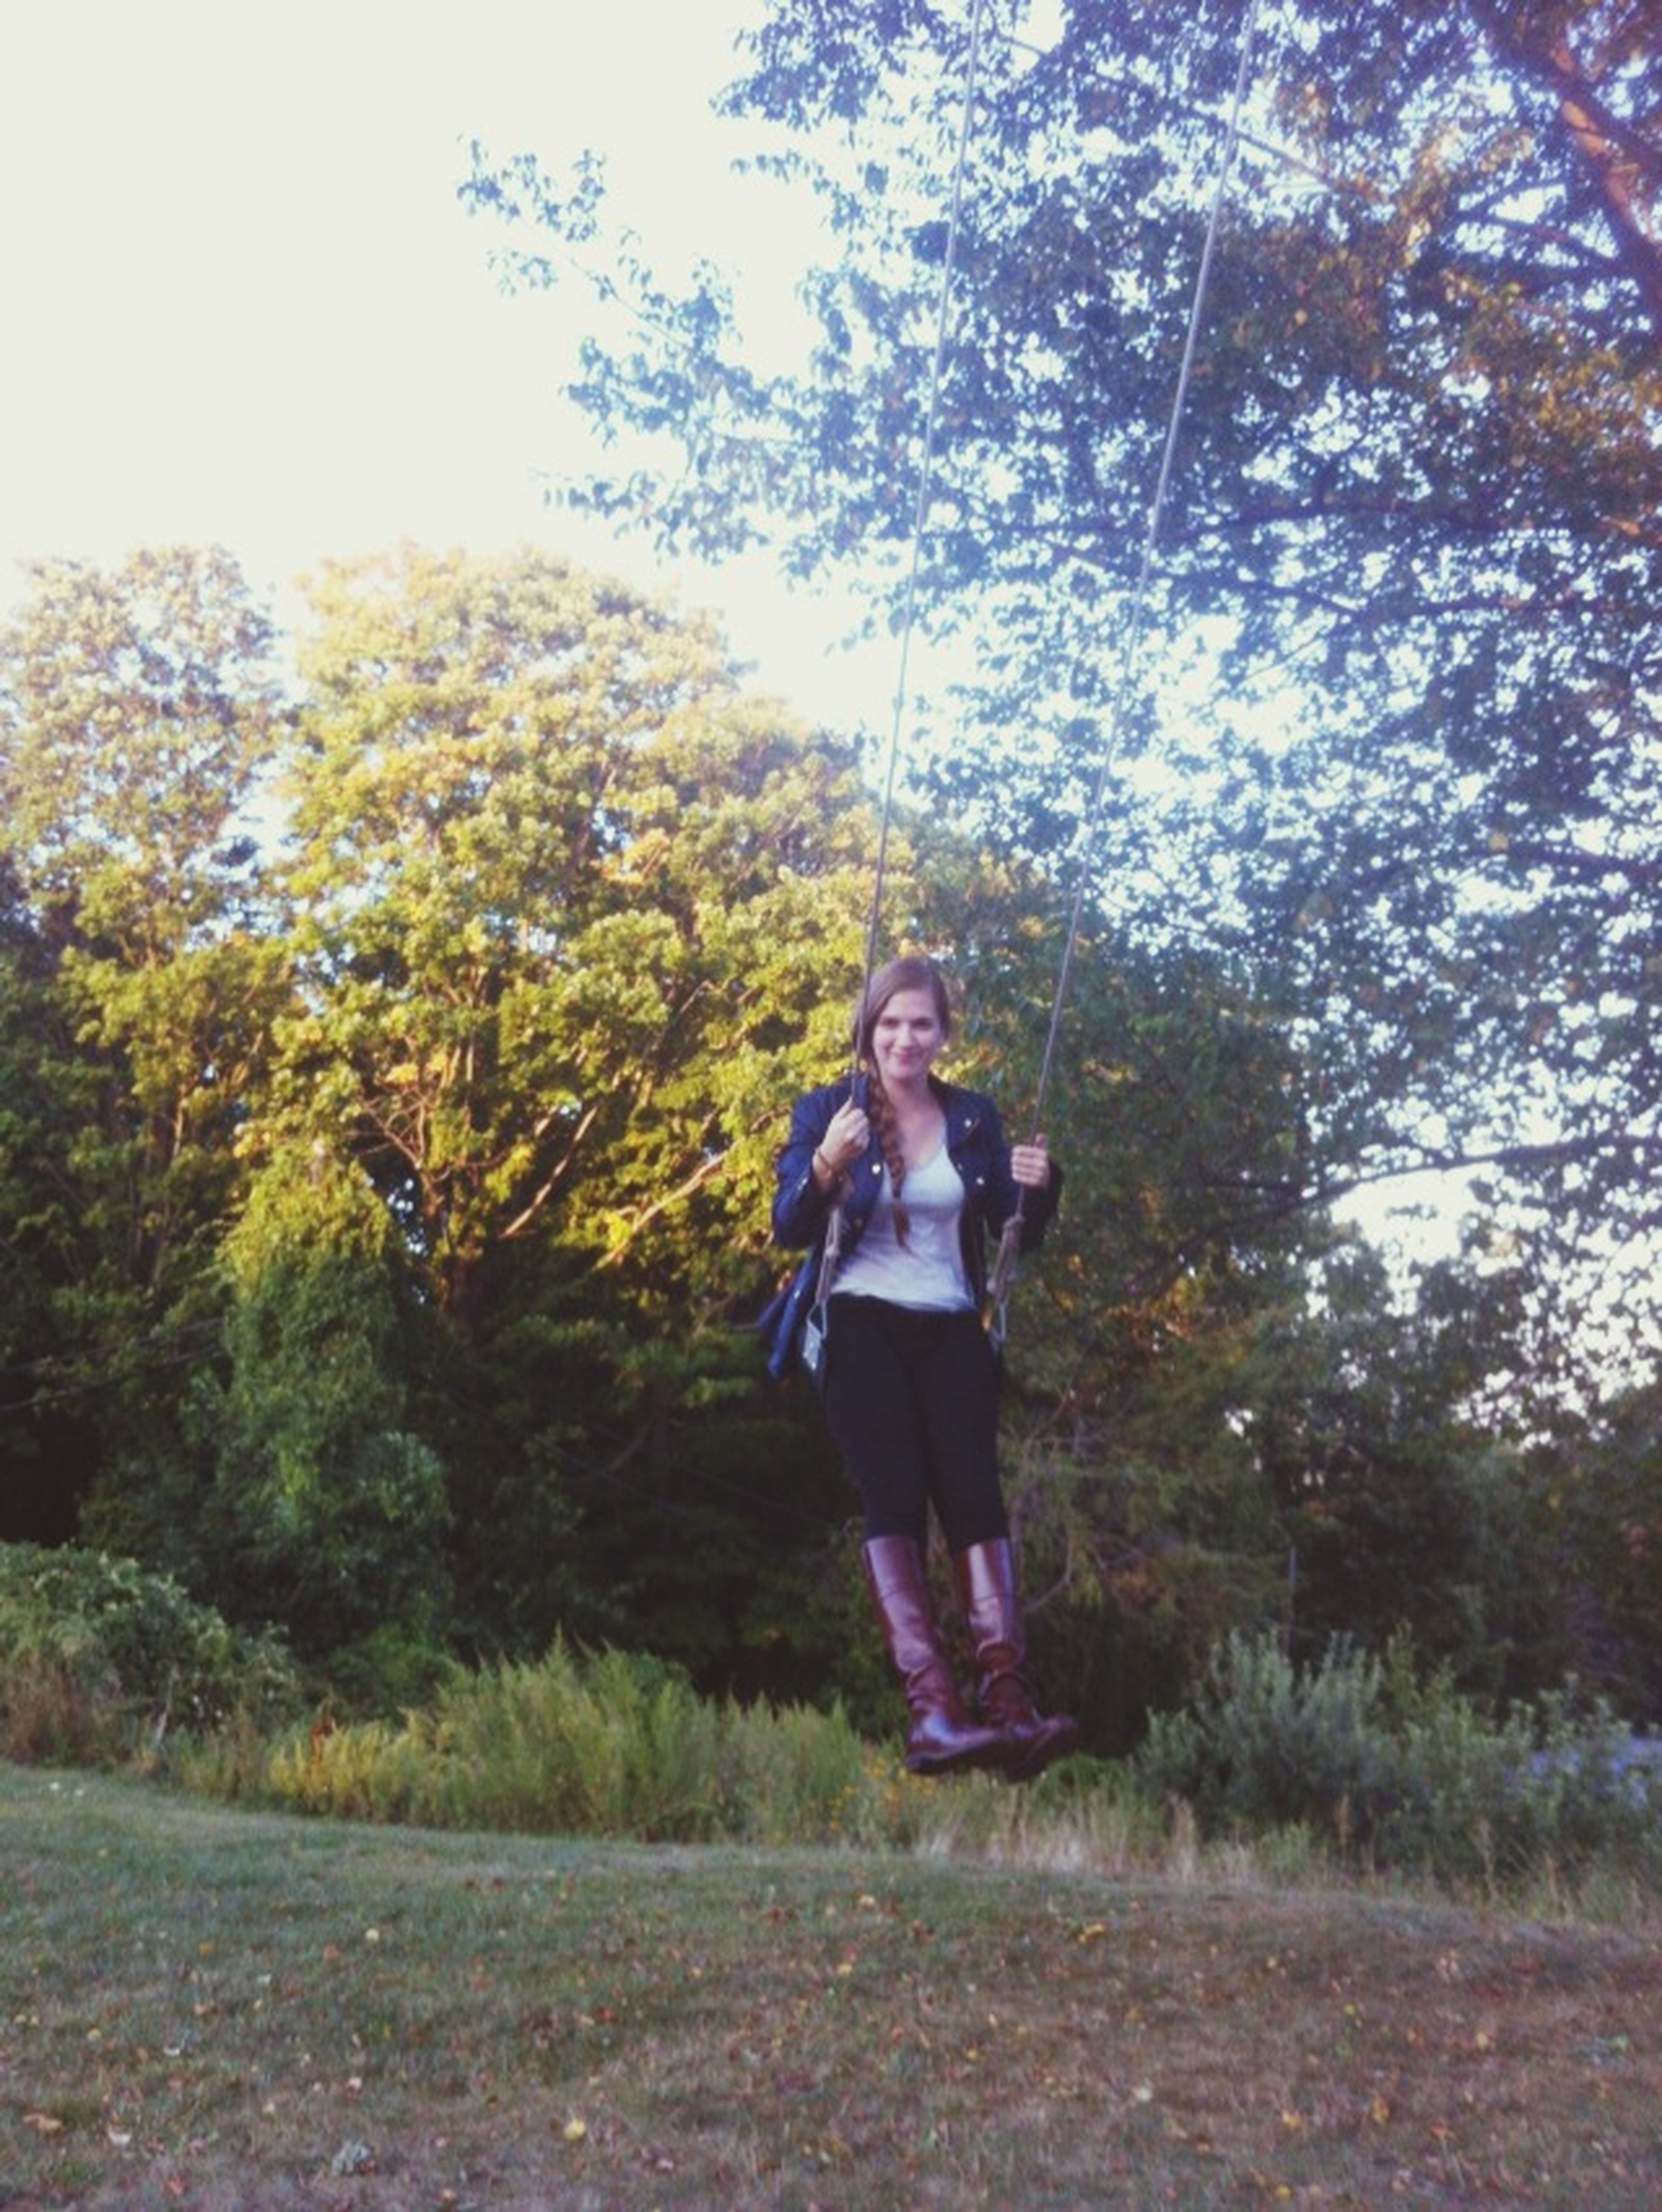 Swing Urban Nature Fun Outdoors